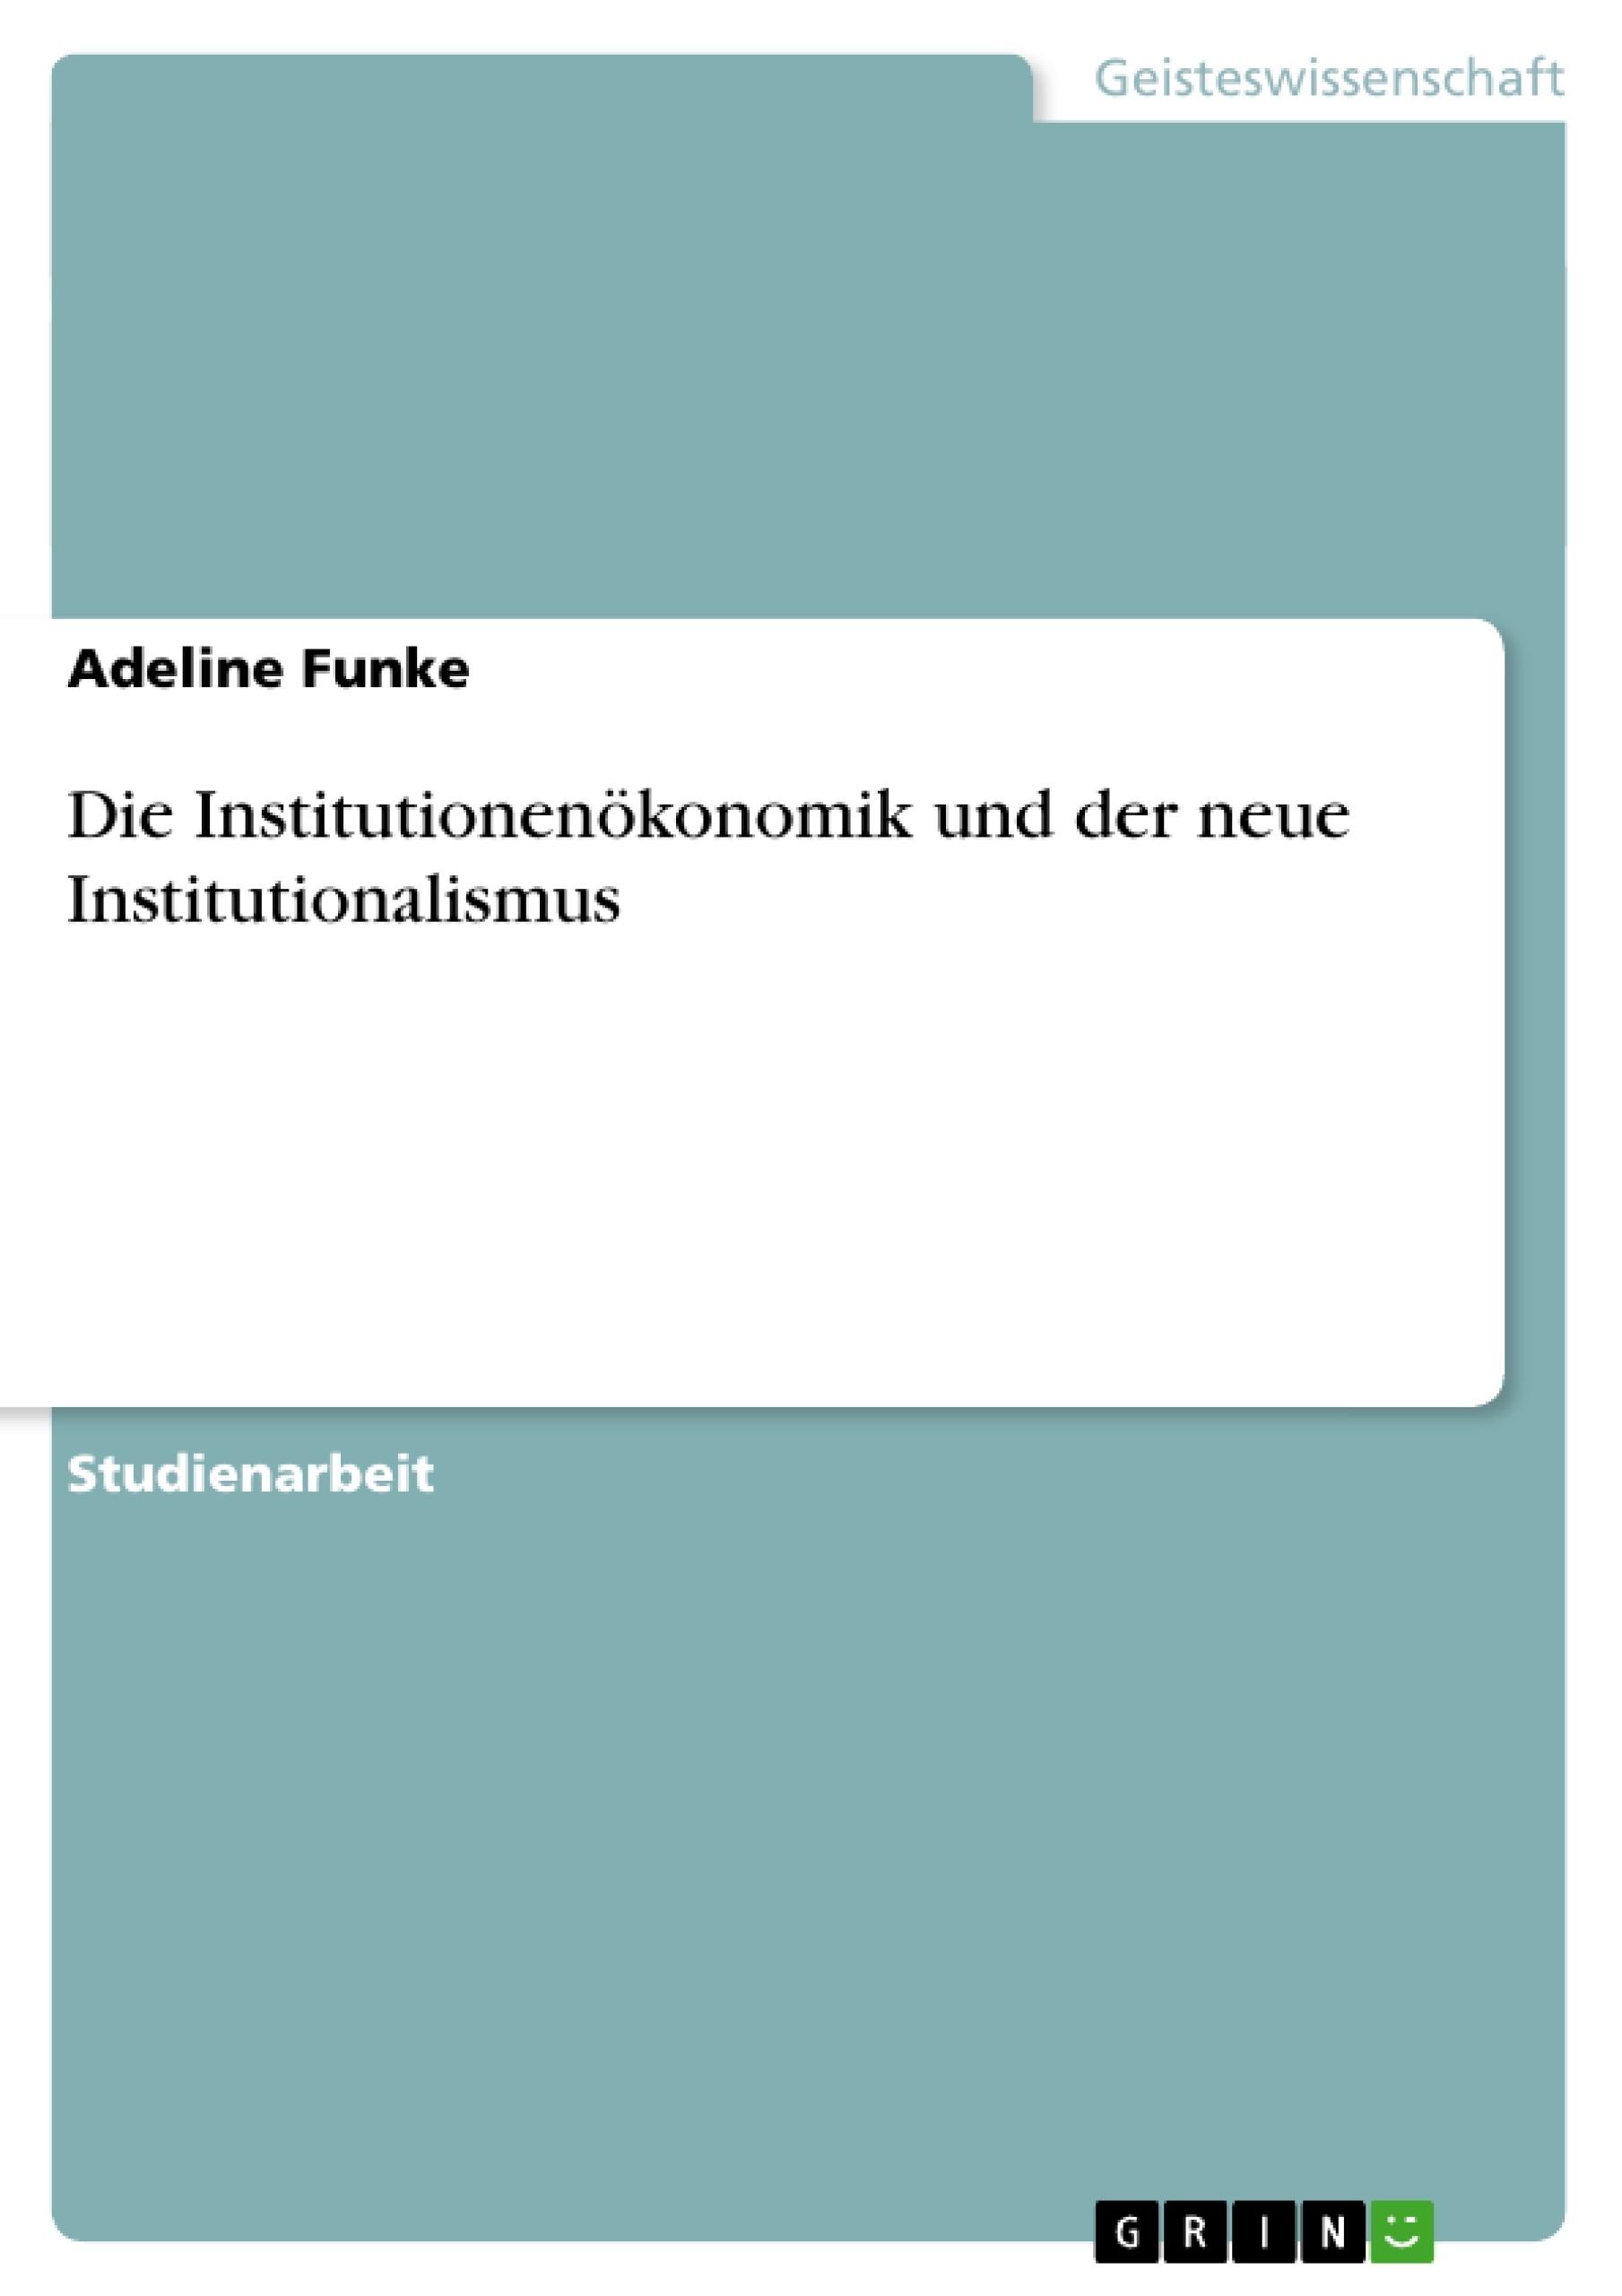 Titel: Die Institutionenökonomik und der neue Institutionalismus